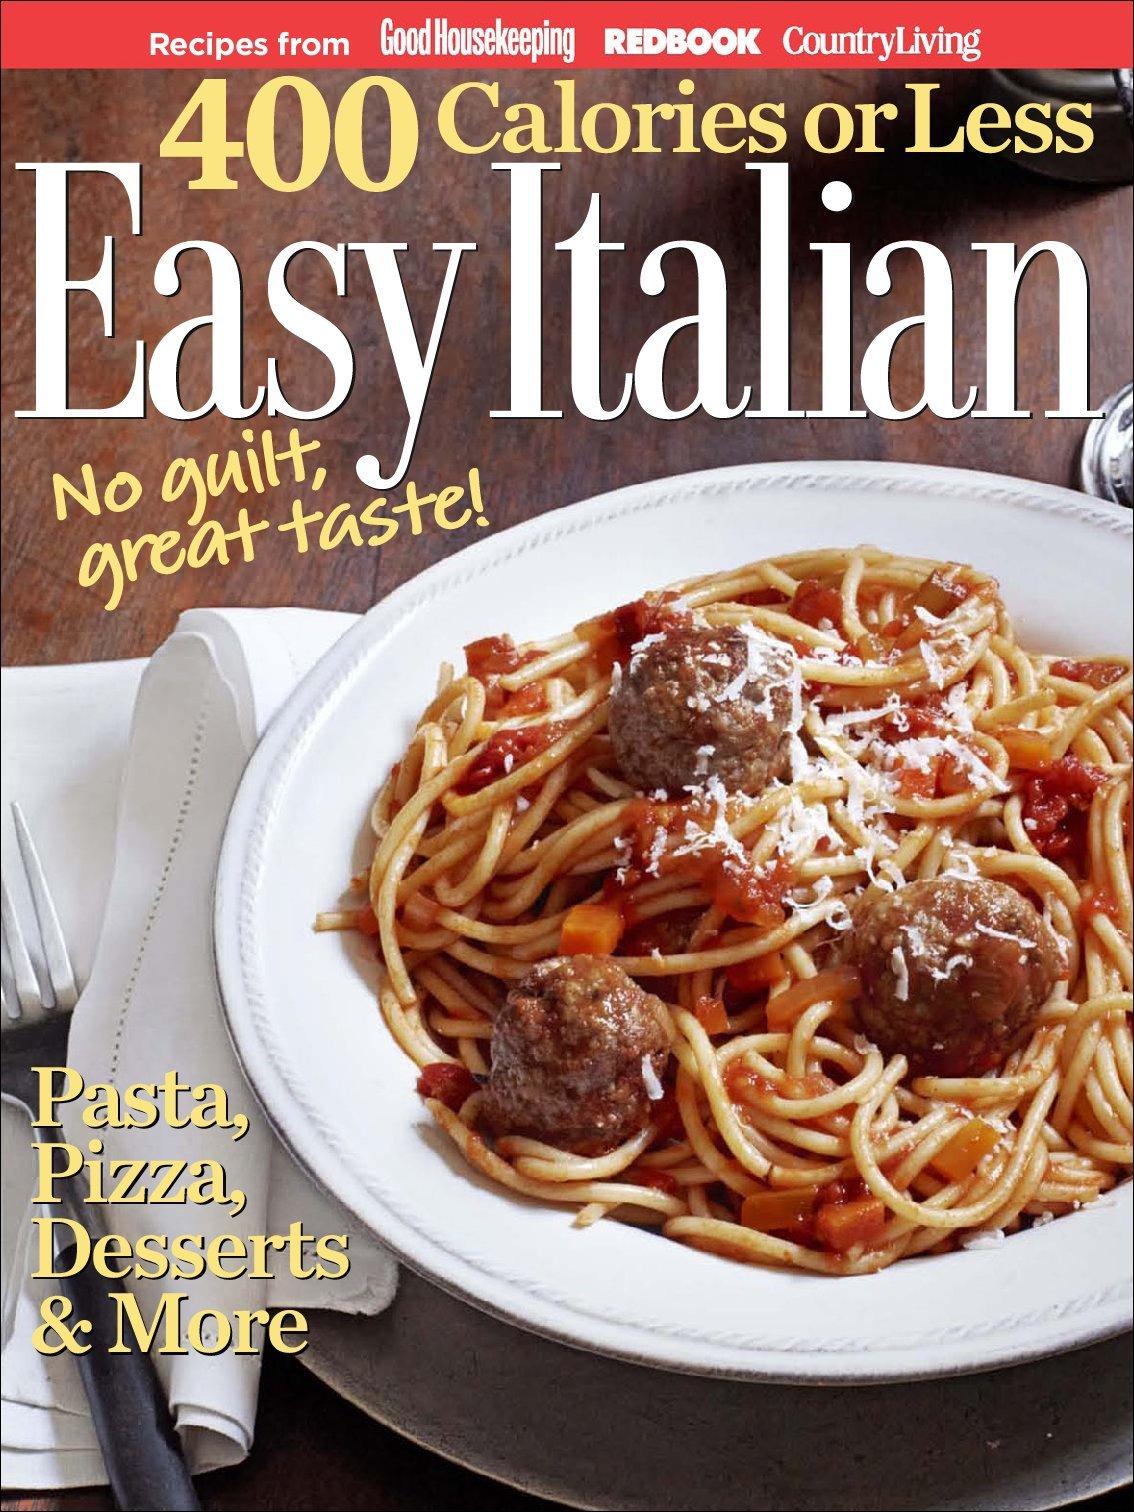 400 Calories or Less Easy Italian Digital